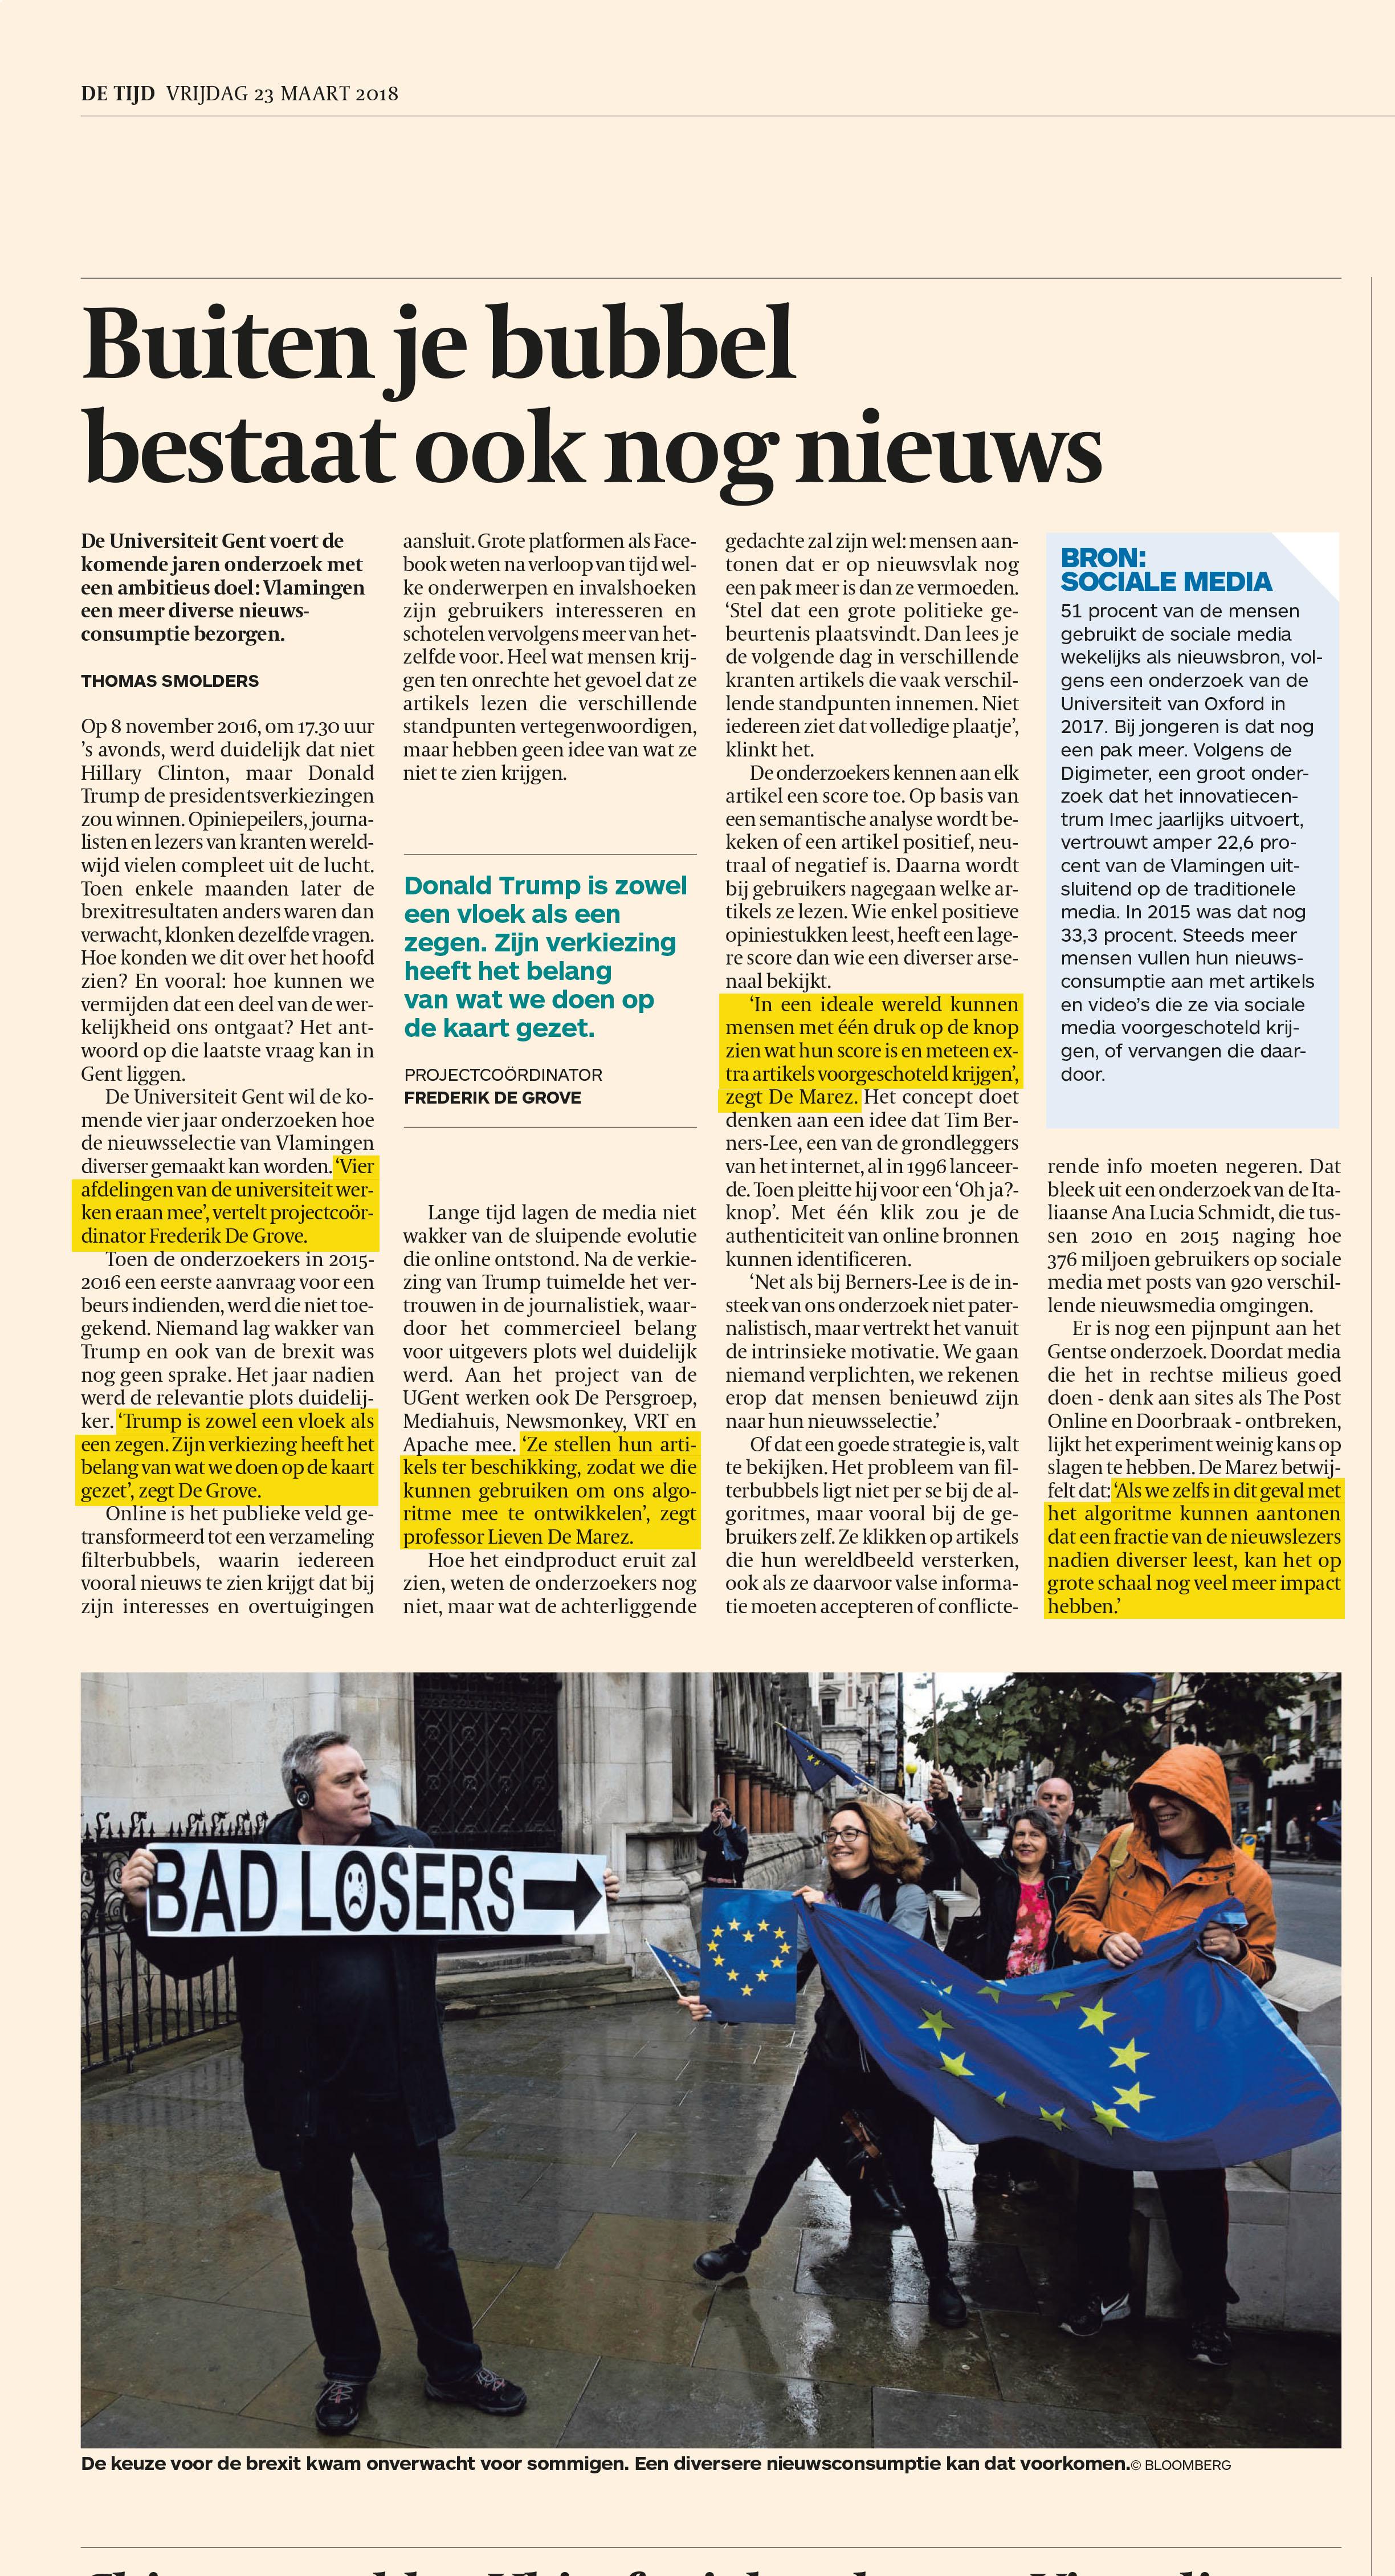 BRON: De Tijd, 23/03/2018, p 21